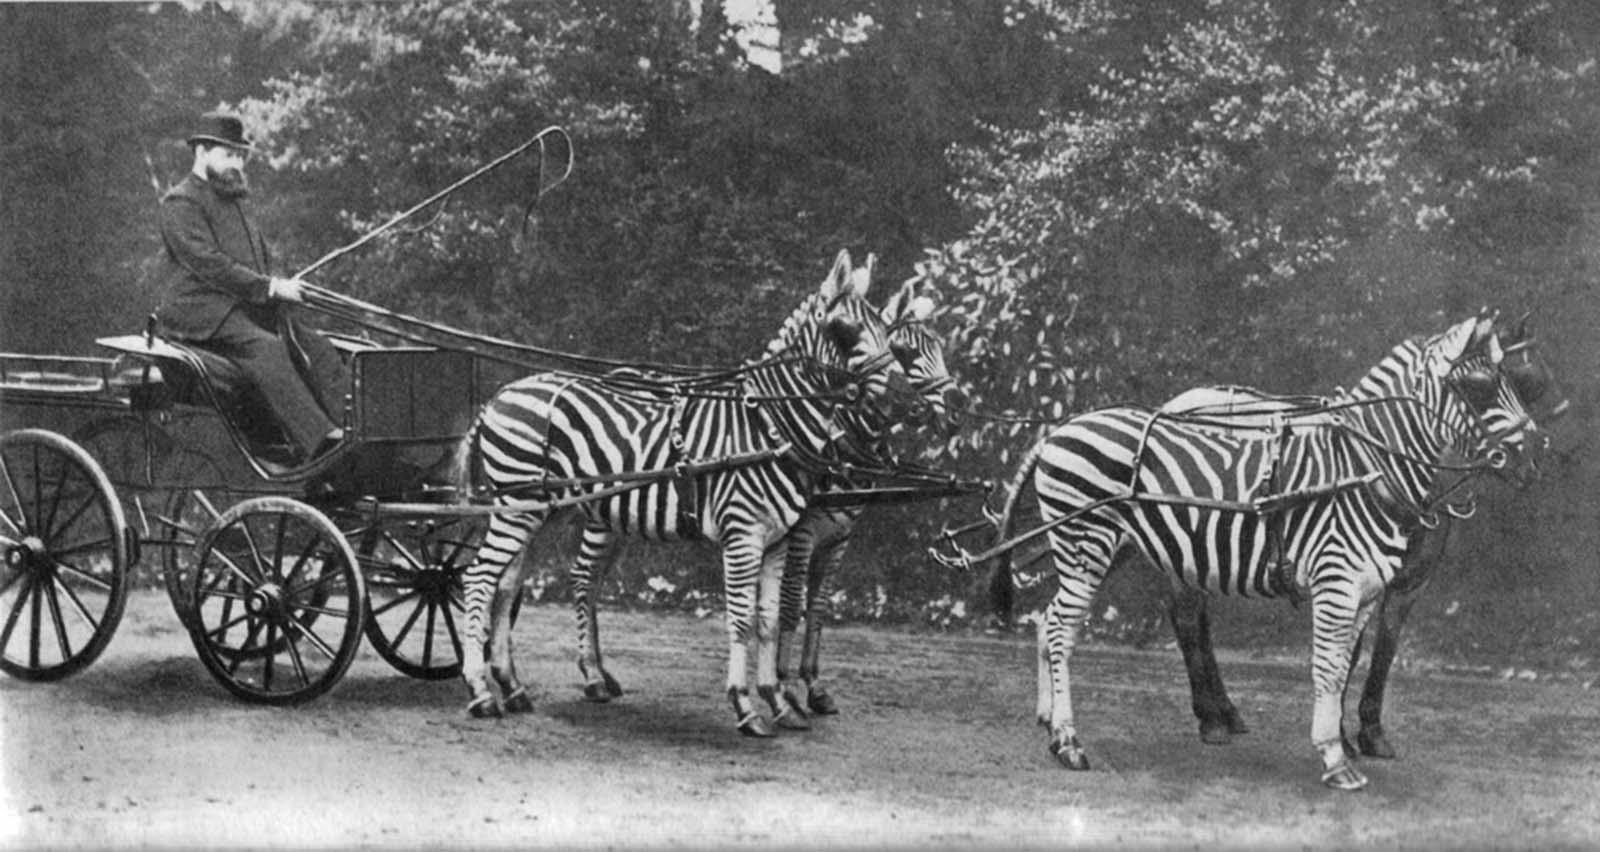 Лорд Уолтер Ротшильд со своей командой зебр, тянущих кареты. Ротшильд (1868-1937) из глобальной банковской семьи Ротшильдов владел собственным зоопарком.